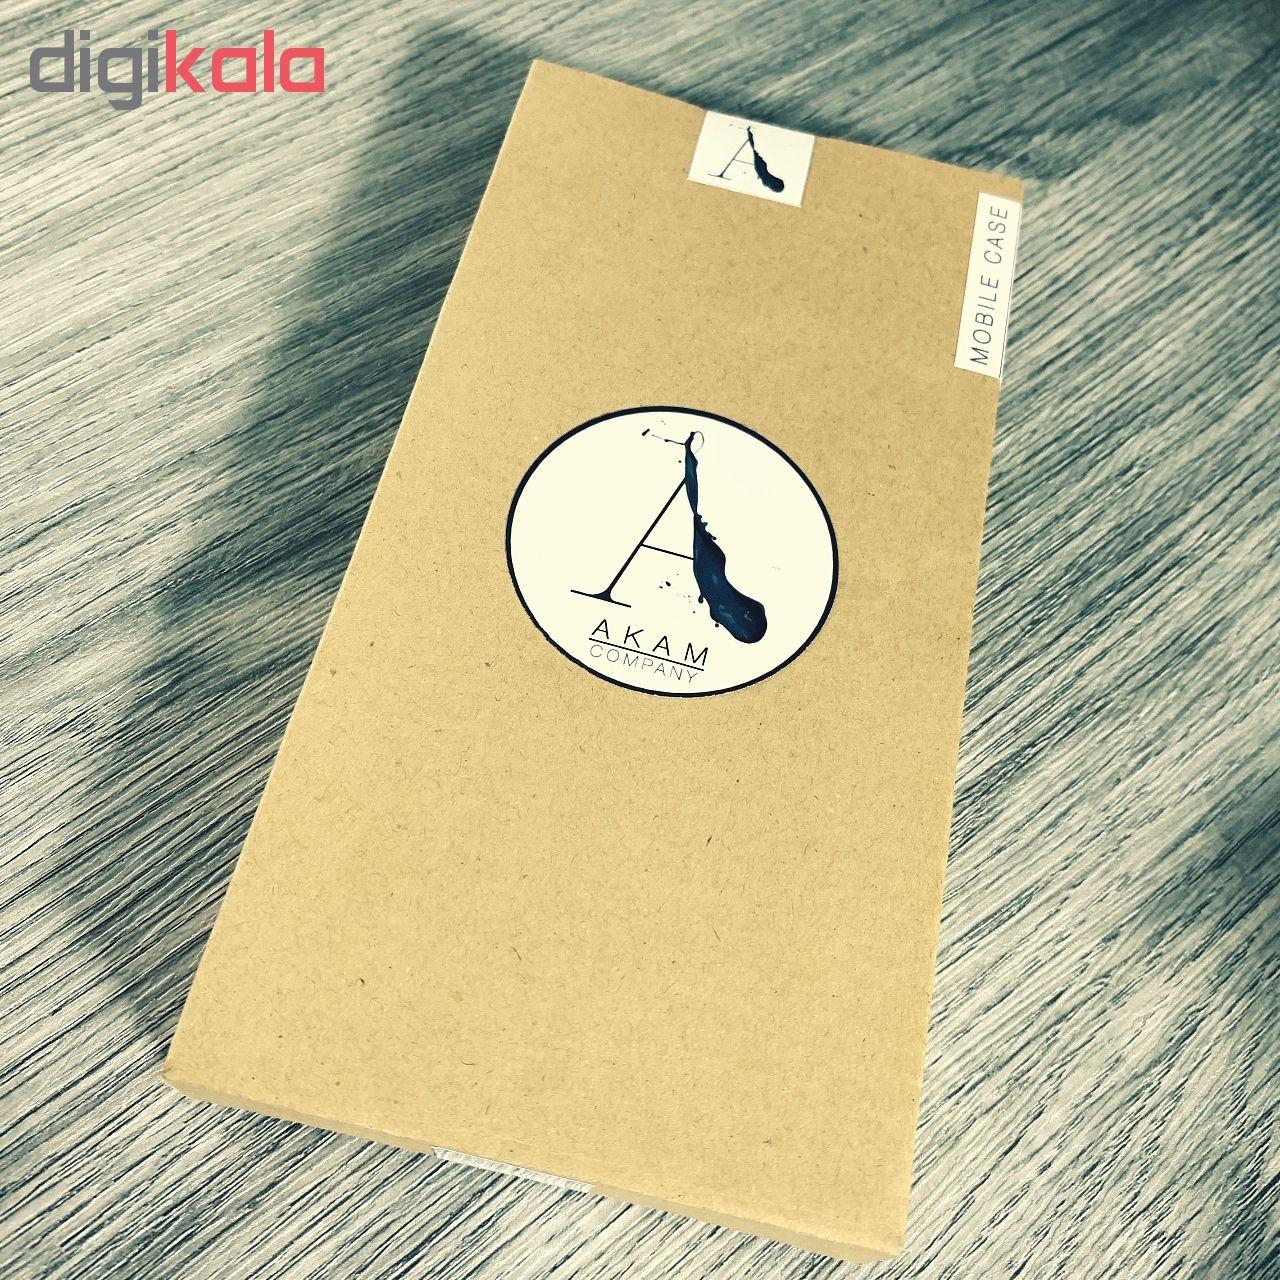 کاور آکام مدل A71430 مناسب برای گوشی موبایل اپل iPhone 7/8 main 1 2